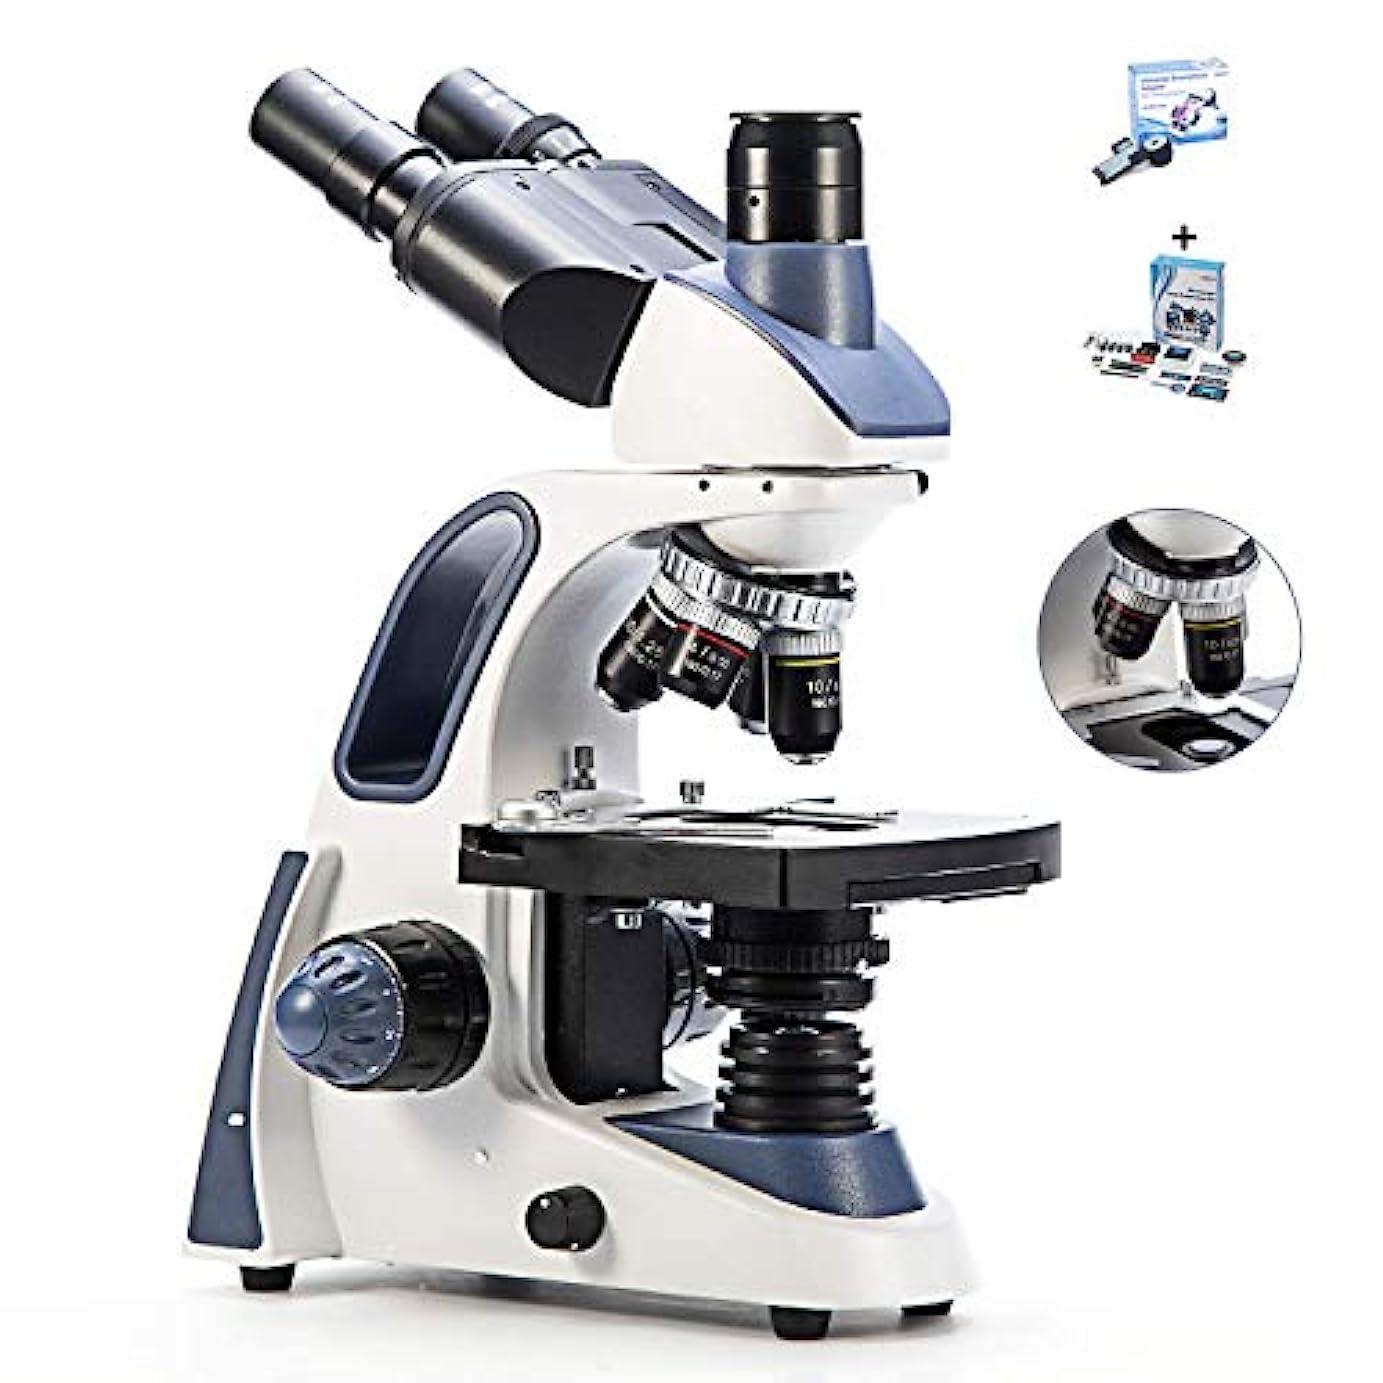 機械的波紋枠複眼双眼顕微鏡 学生用顕微鏡拡大鏡 40倍?2500倍の倍率、 メカニカルステージ、 超精密フォーカシング、 広視野10倍および25倍接眼レンズ付き